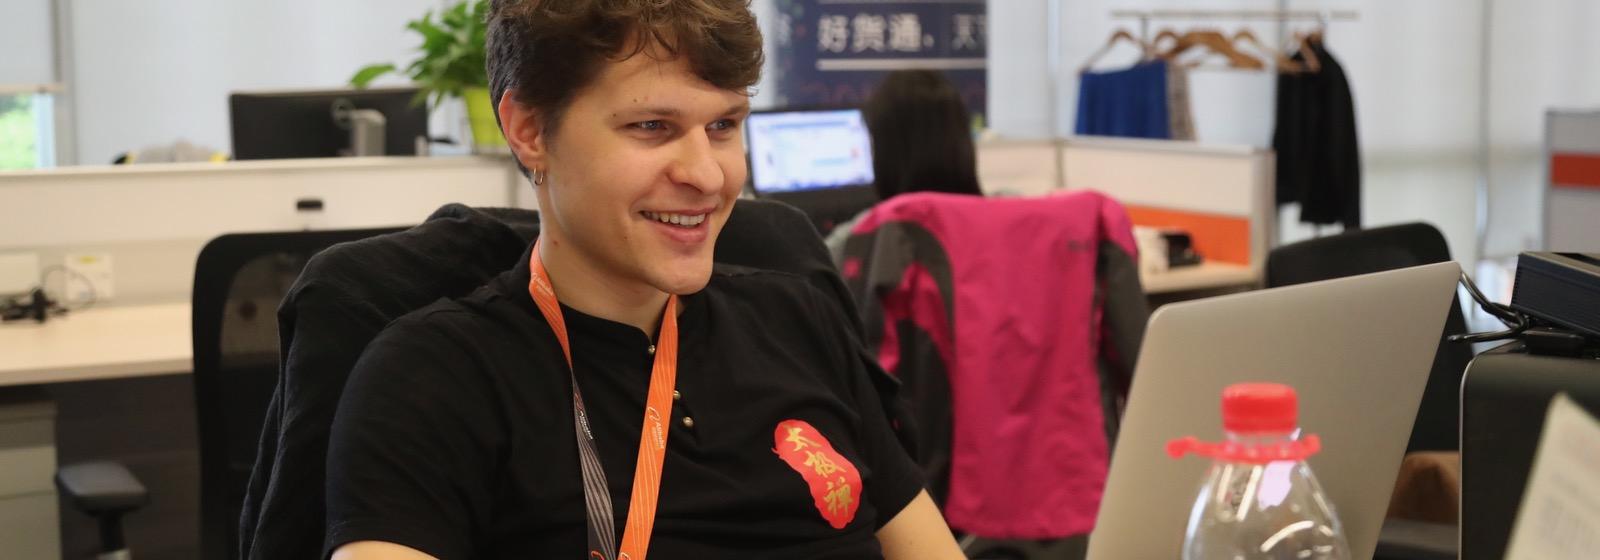 10 жизненных уроков, которые улучшили мой китайский язык